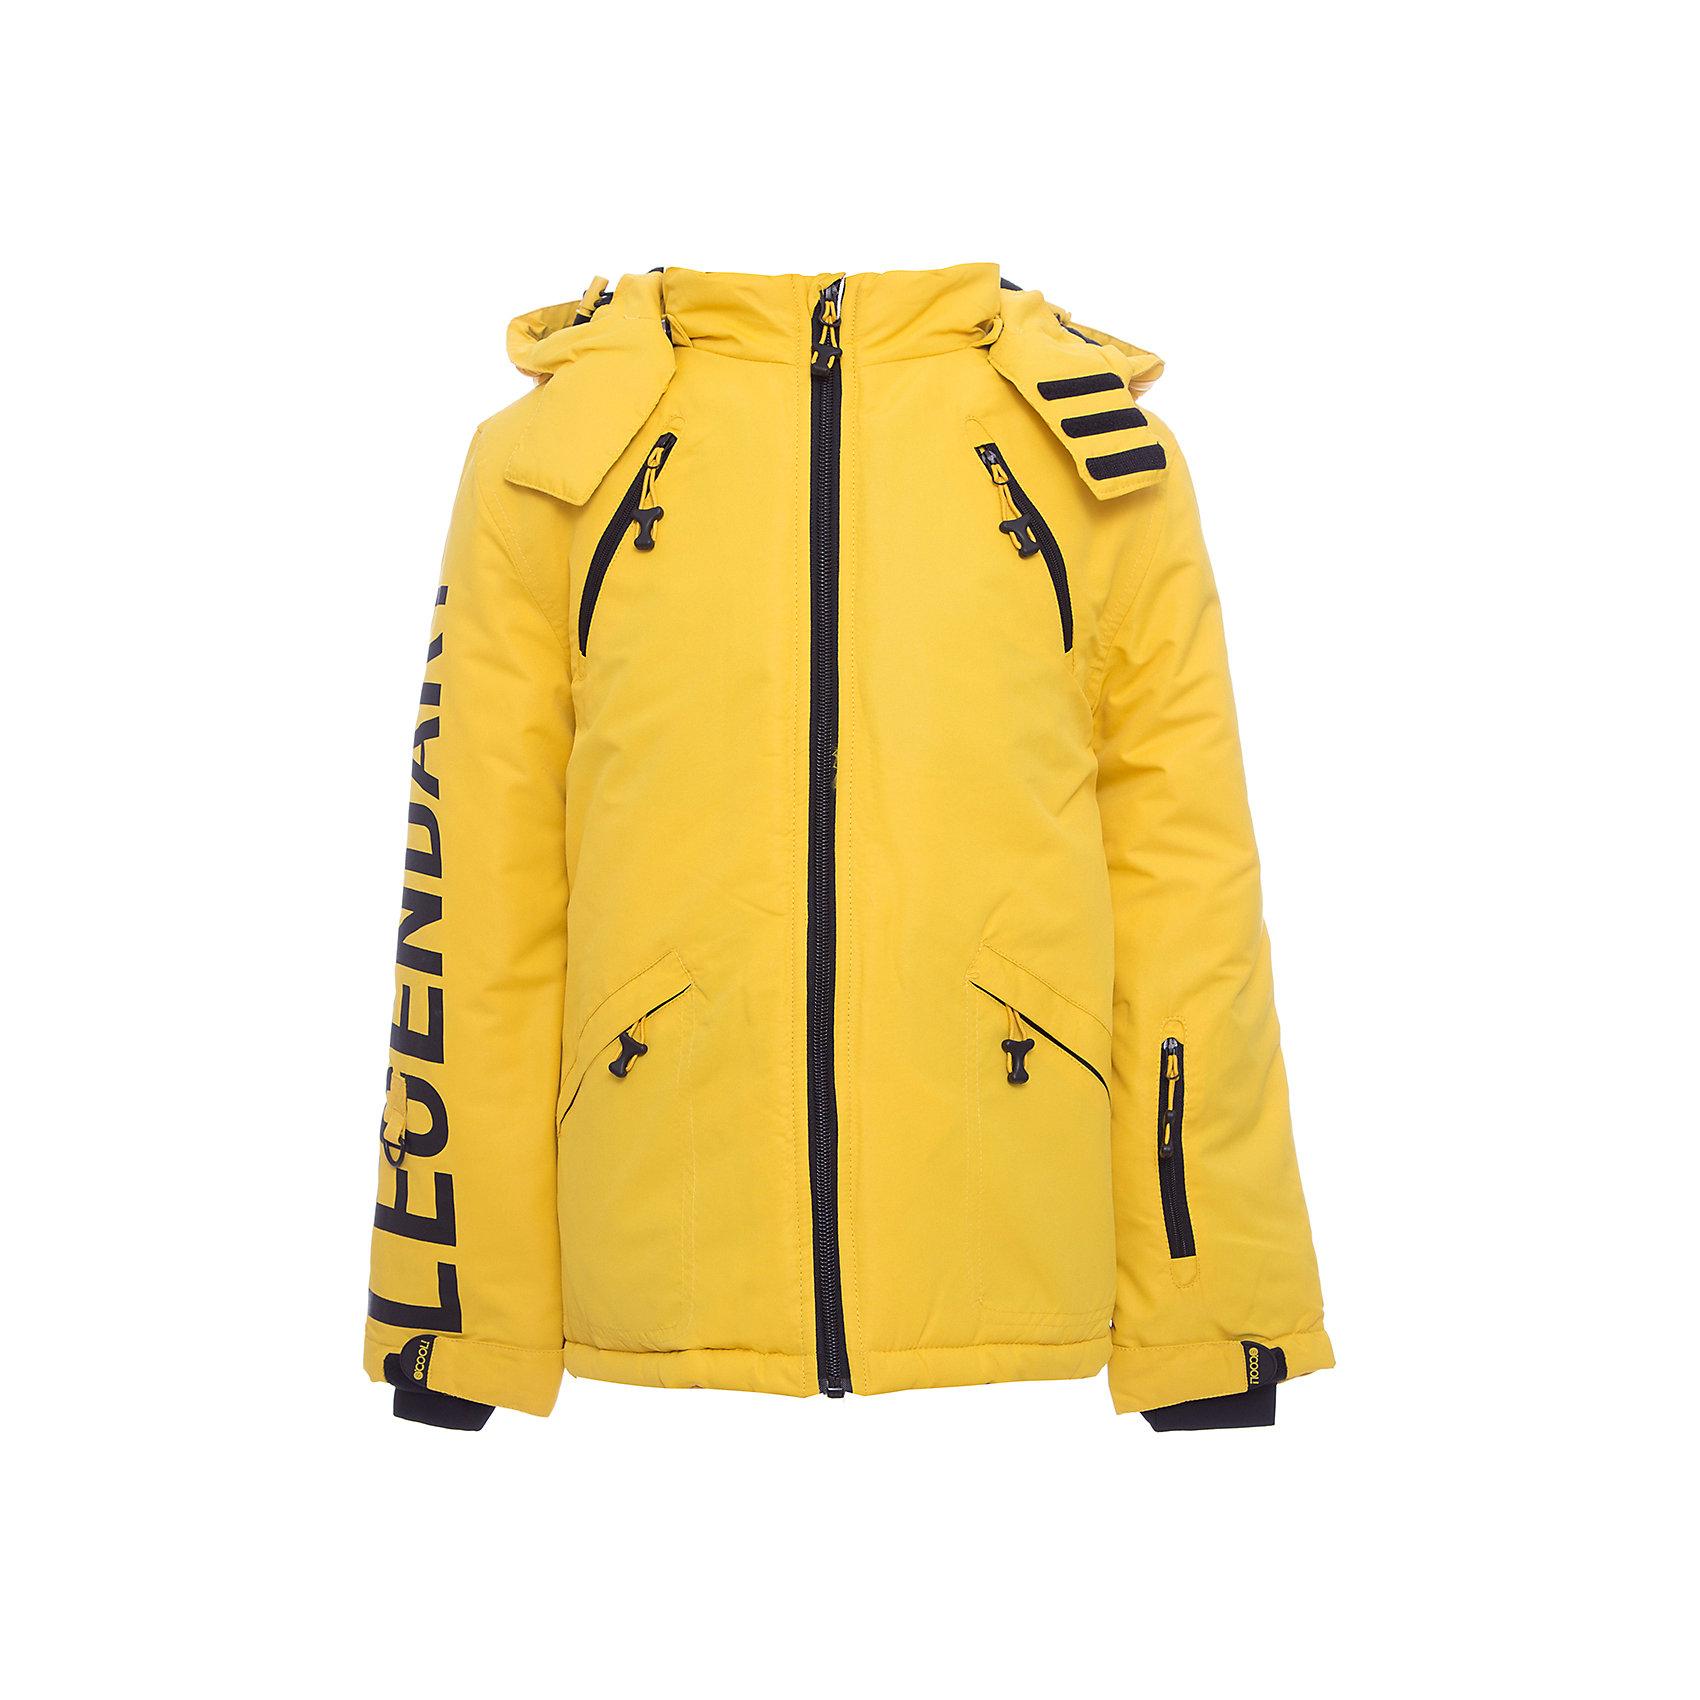 Куртка Scool для мальчикаВерхняя одежда<br>Характеристики товара:<br><br>• цвет: желтый;<br>• состав; 100% полиэстер;<br>• подкладка: 100% полиэстер, флис;<br>• утеплитель; 100% полиэстер, 250 г/м2;<br>• сезон: зима;<br>• температурный режим: от 0 до -20С;<br>• водоотталкивающая пропитка;<br>• застежка: молния с защитой подбородка;<br>• капюшон не отстегивается;<br>• регулируемый капюшон со шнурком-кулиской;<br>• сплошная флисовая подкладка;<br>• эластичные мягкие манжеты;<br>• снегозащитная юбка;<br>• низ изделия регулируется шнурком-кулиской;<br>• два накладных кармана;<br>• коллекция: милитари;<br>• страна бренда: Германия;<br>• страна изготовитель: Китай.<br><br>Куртка Scool для мальчика. Теплая куртка из ткани с водоотталкивающей пропиткой - отличное решение для холодной погоды. Вшивной капюшон дополнен регулируемым шнуром - кулиской. Подкладка из теплого флиса. Модель со снегозащитной юбкой. Низ изделия дополнен регулируемым шнуром - кулиской. Куртка дополнена накладными карманами.<br><br>Куртку Scool для мальчика (Скул) можно купить в нашем интернет-магазине.<br><br>Ширина мм: 356<br>Глубина мм: 10<br>Высота мм: 245<br>Вес г: 519<br>Цвет: белый<br>Возраст от месяцев: 156<br>Возраст до месяцев: 168<br>Пол: Мужской<br>Возраст: Детский<br>Размер: 134,164,140,146,152,158<br>SKU: 7104859